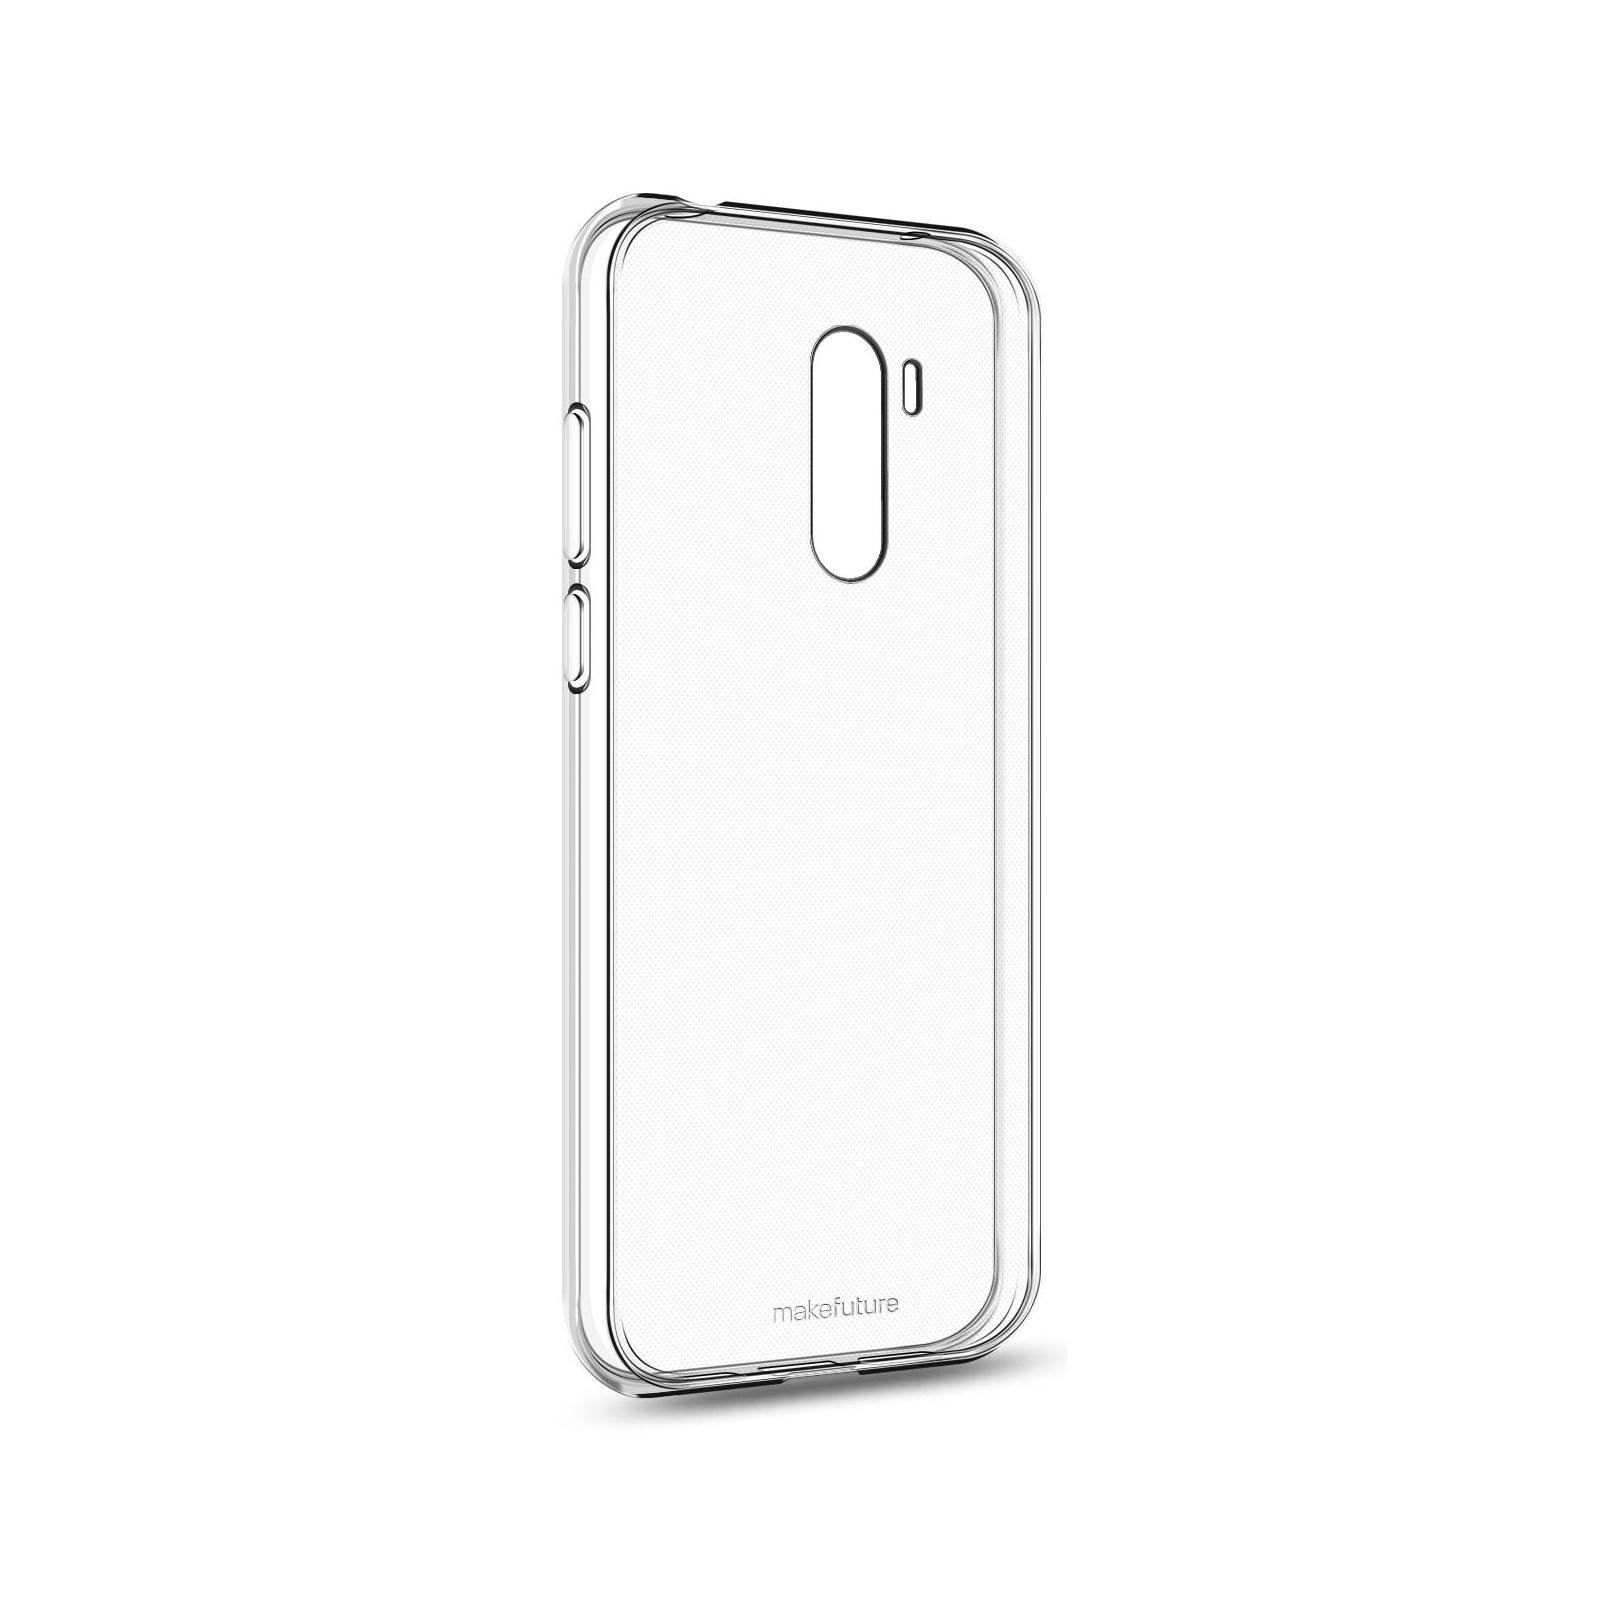 Чехол для моб. телефона MakeFuture Air Case (TPU) Xiaomi Pocophone F1 Clear (MCA-XPF1CL)